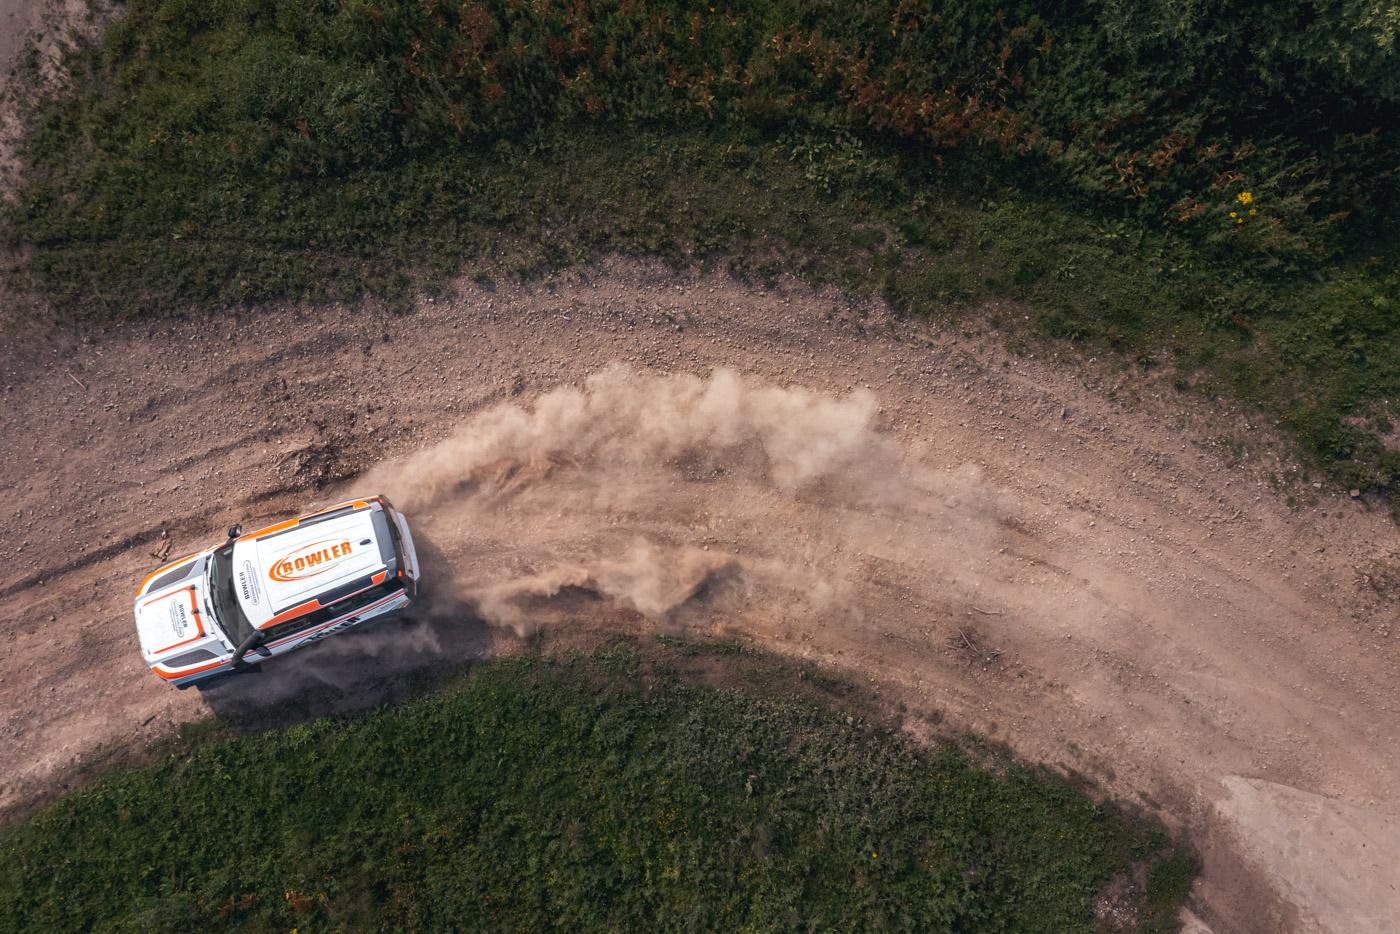 Land-Rover-hợp-tác-cùng-Bowler-ra-mắt-phiên-bản-đua-địa-hình-của-Defender-8.jpg